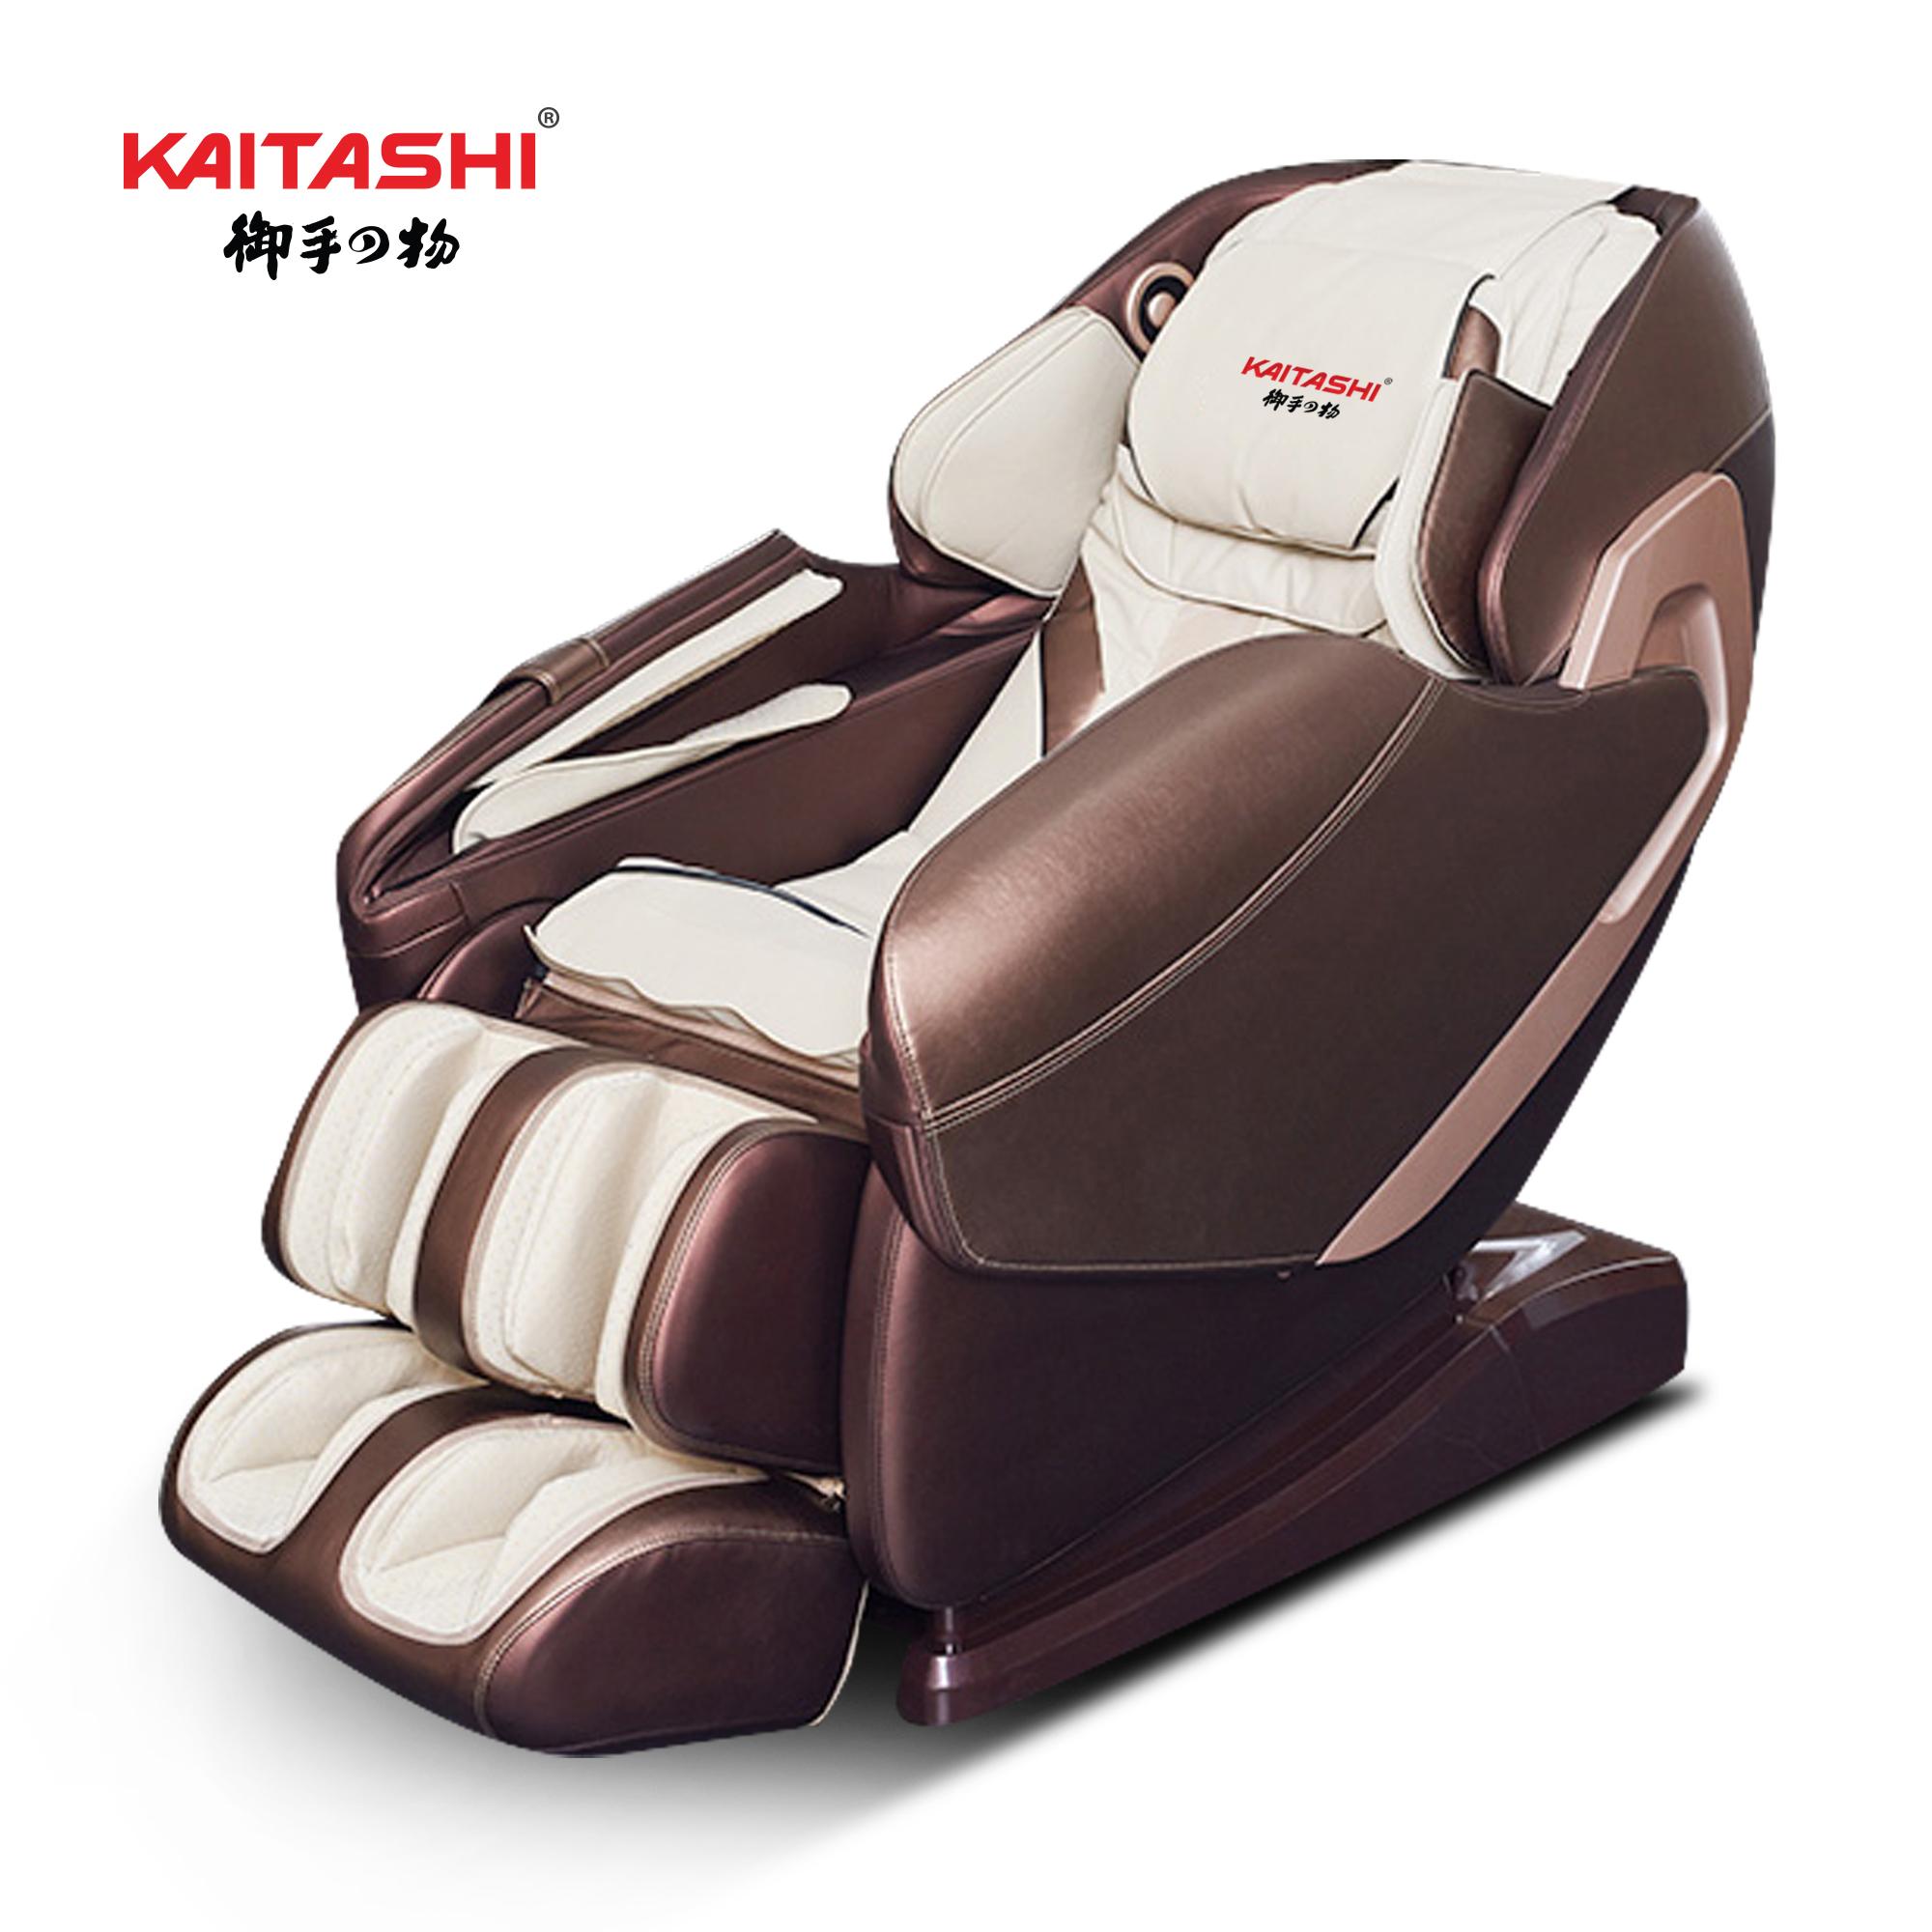 Kaitashi KS - 400